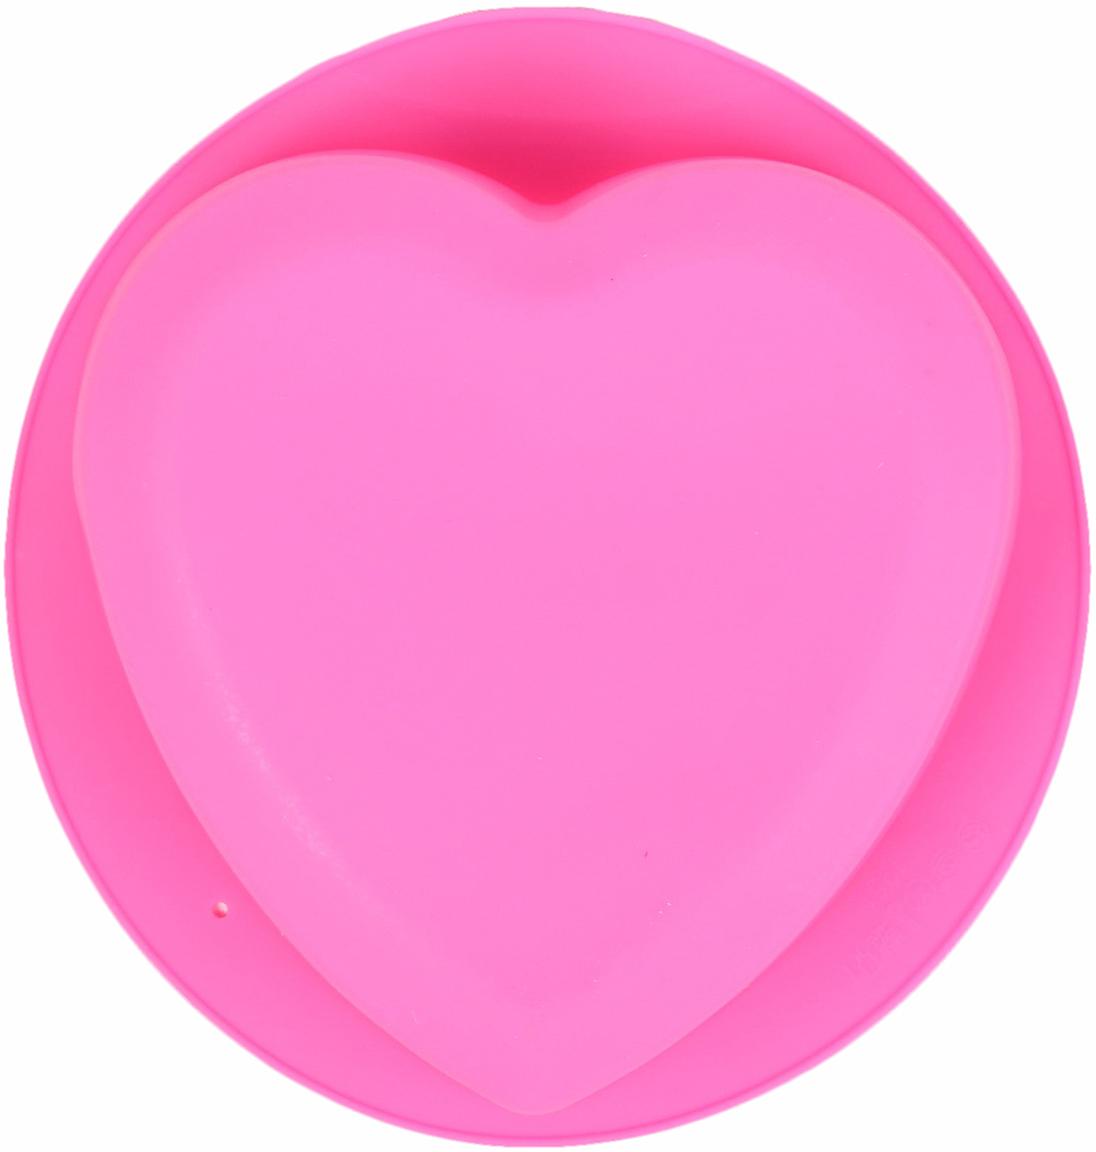 Форма для выпечки Доляна Сердце. Круг, цвет: розовый, 22 х 20 х 5 см2581344_розовыйОт качества посуды зависит не только вкус еды, но и здоровье человека. — товар, соответствующий российским стандартам качества. Любой хозяйке будет приятно держать его в руках. С нашей посудой и кухонной утварью приготовление еды и сервировка стола превратятся в настоящий праздник.